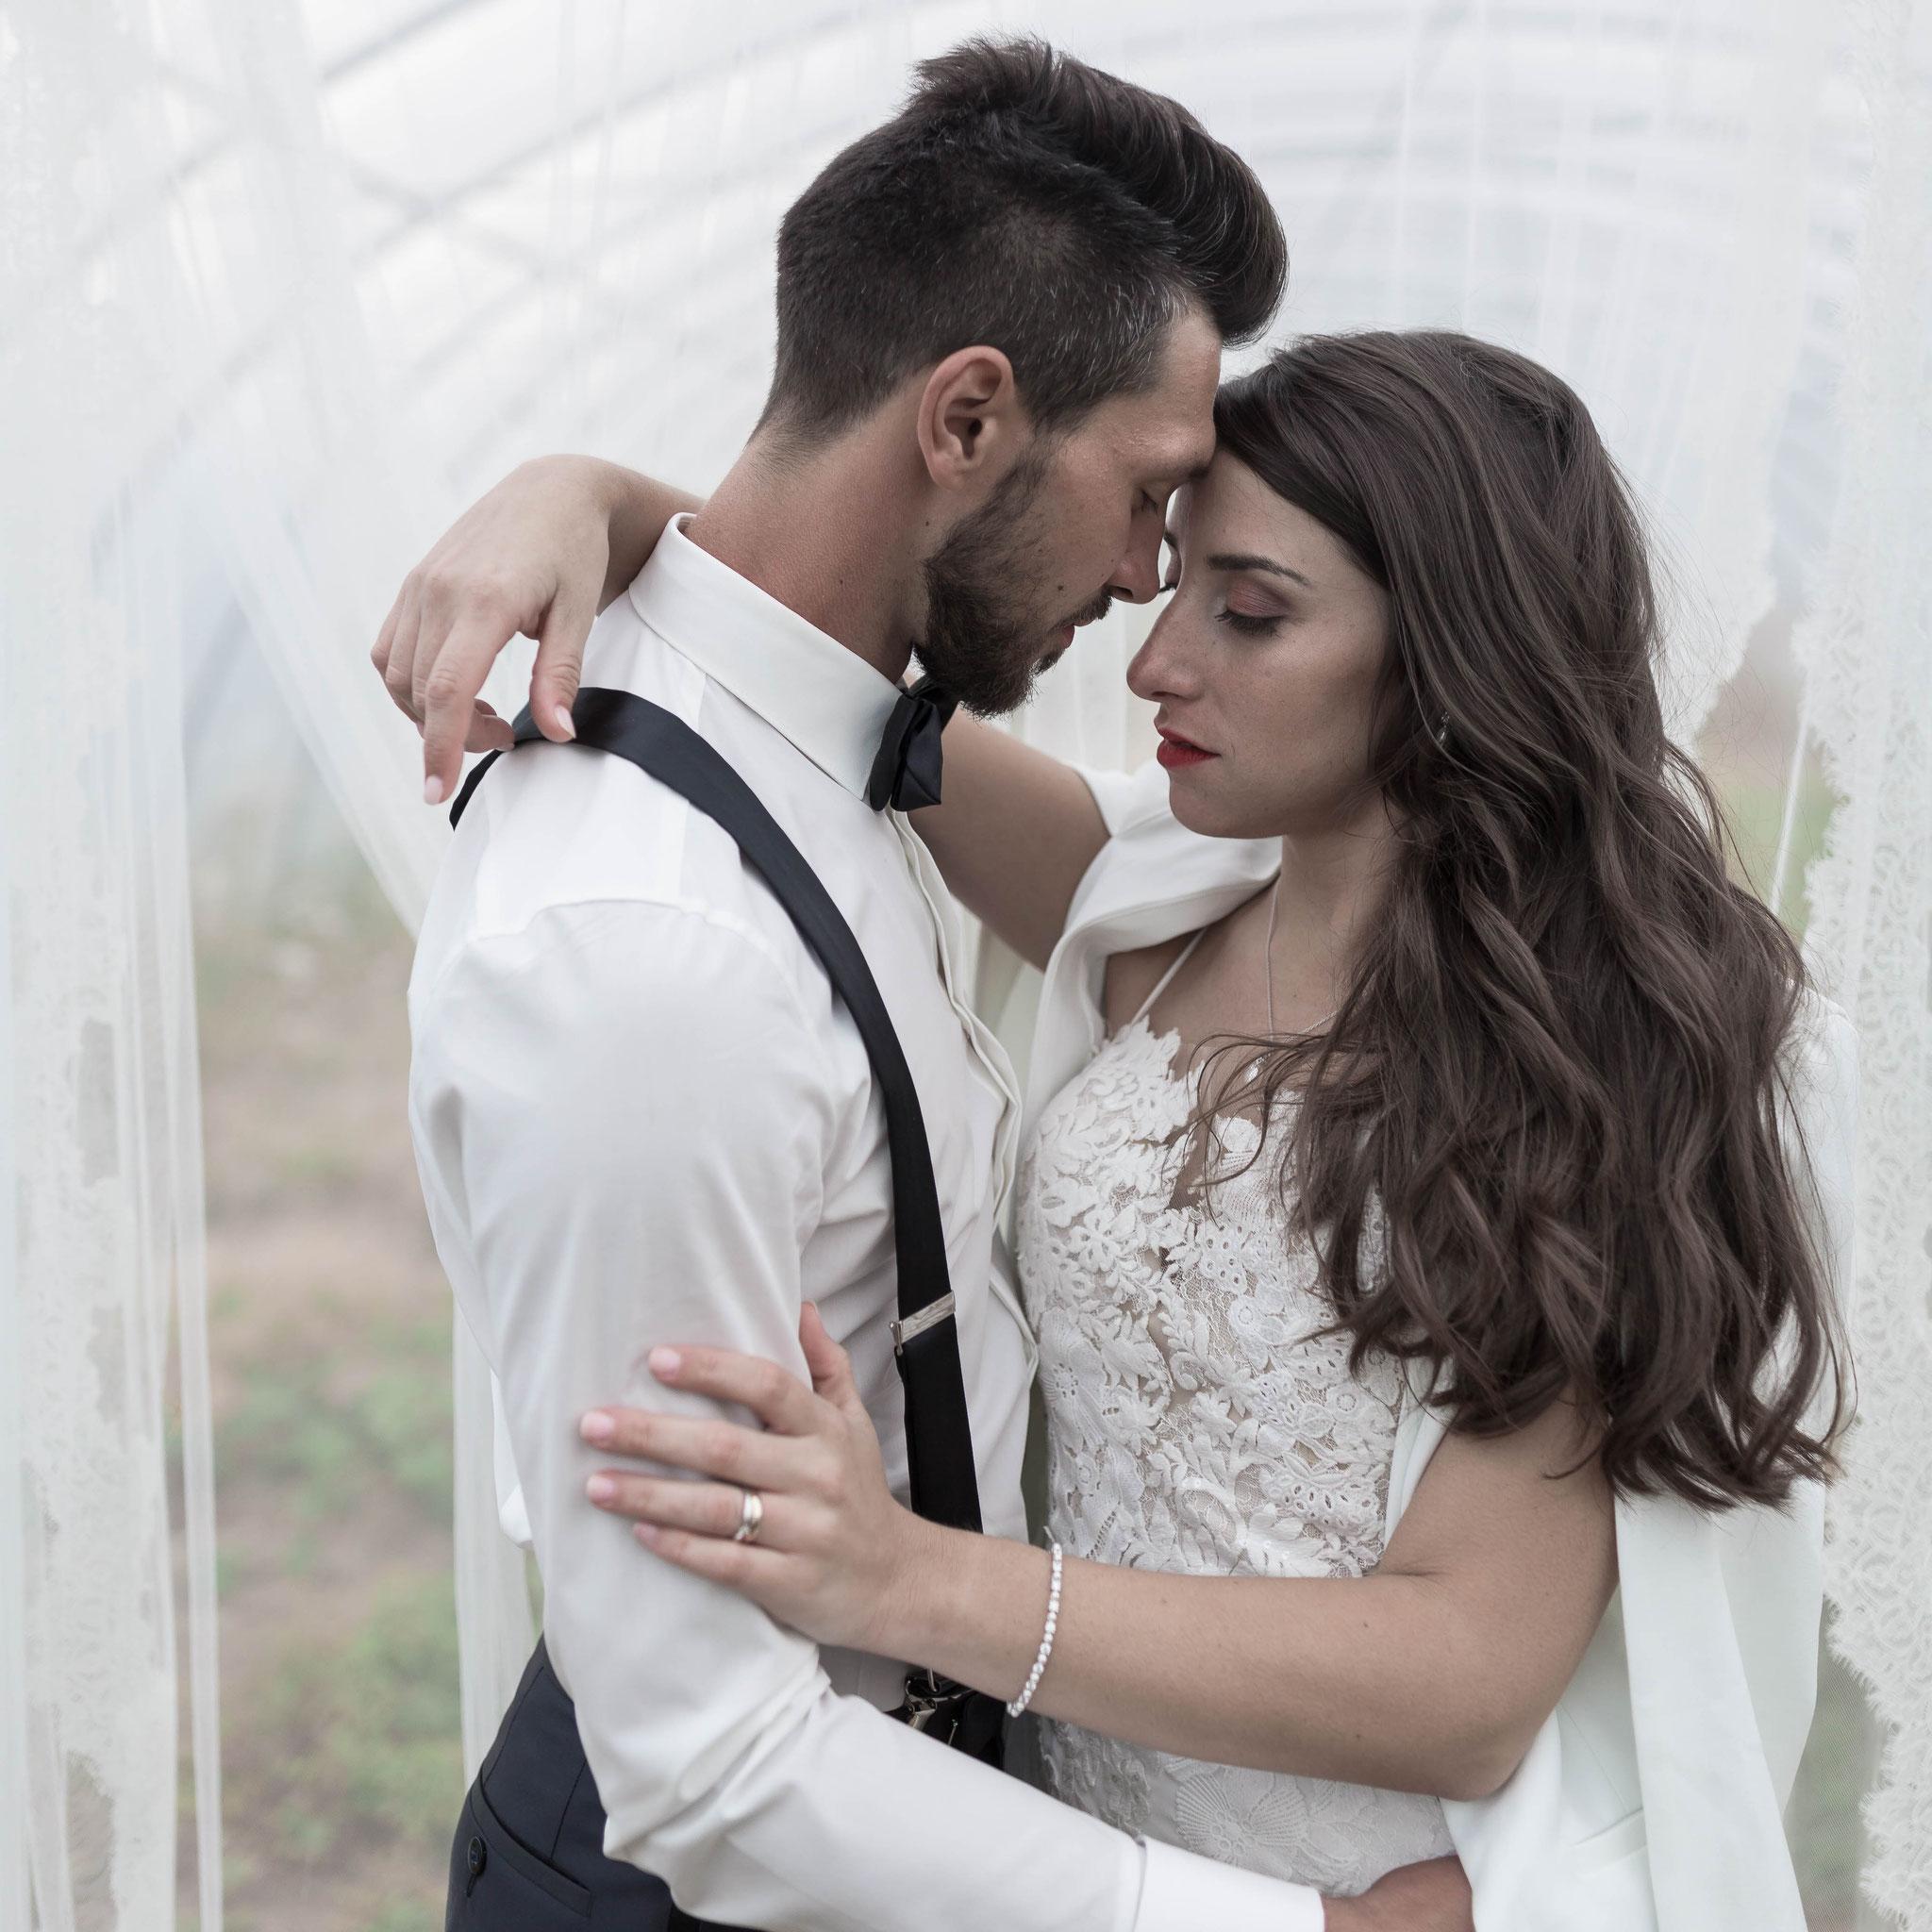 Meine Hochzeit professionell vom Fotografen fotografieren lassen